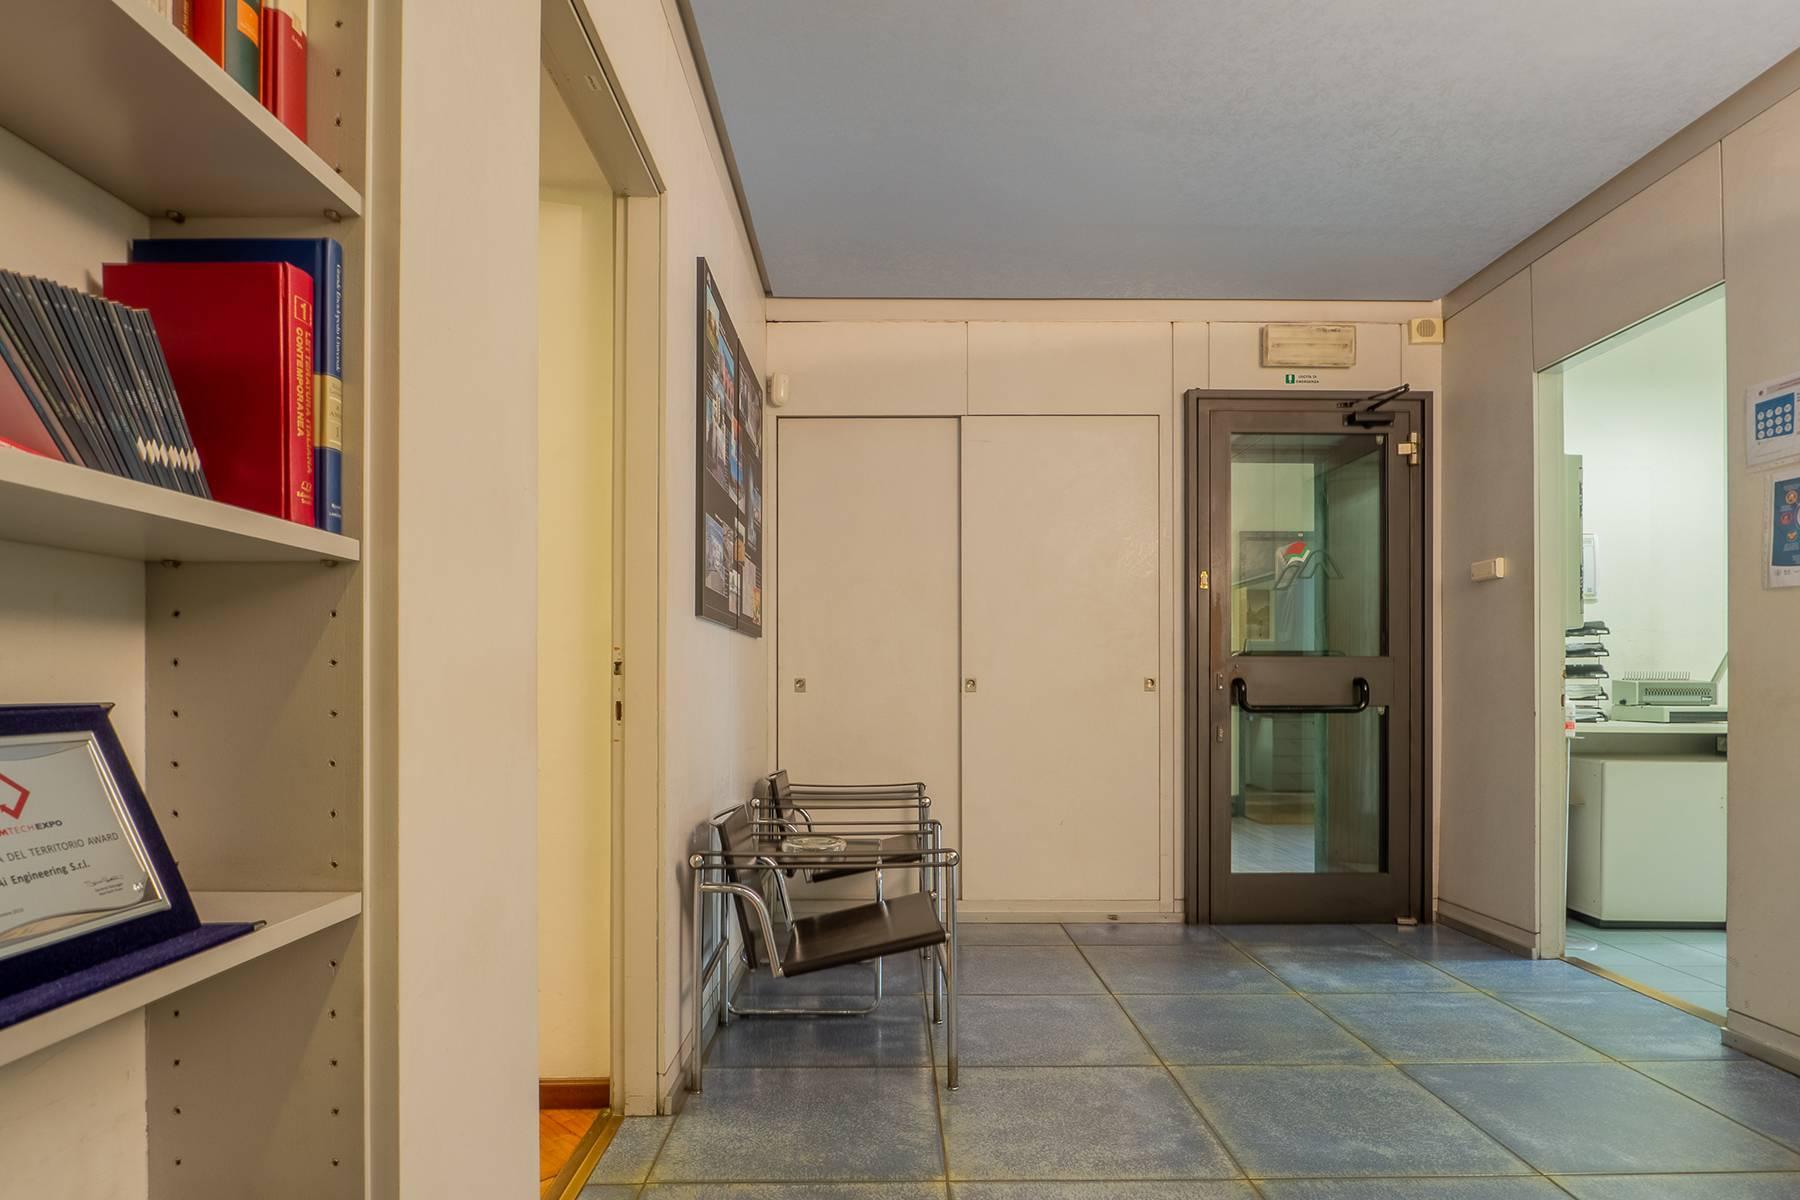 Ufficio-studio in Vendita a Torino: 4 locali, 224 mq - Foto 19